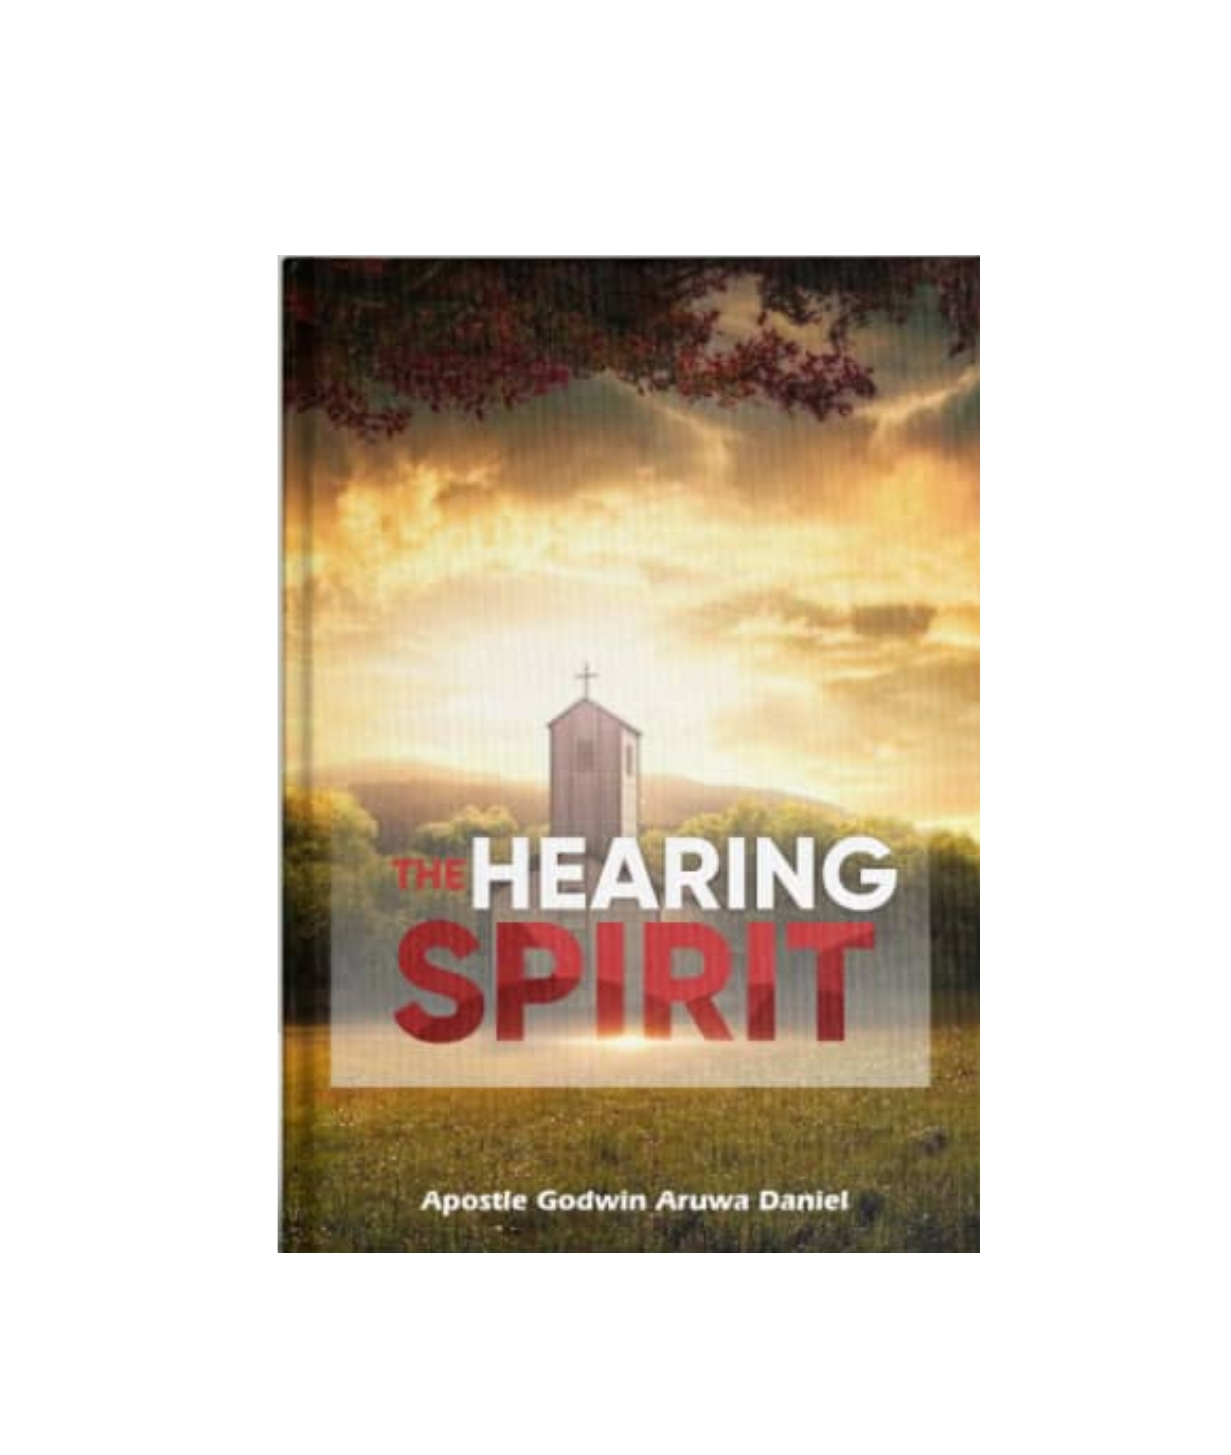 Hearing Spirit By Apostle Godwin Aruwa Daniel